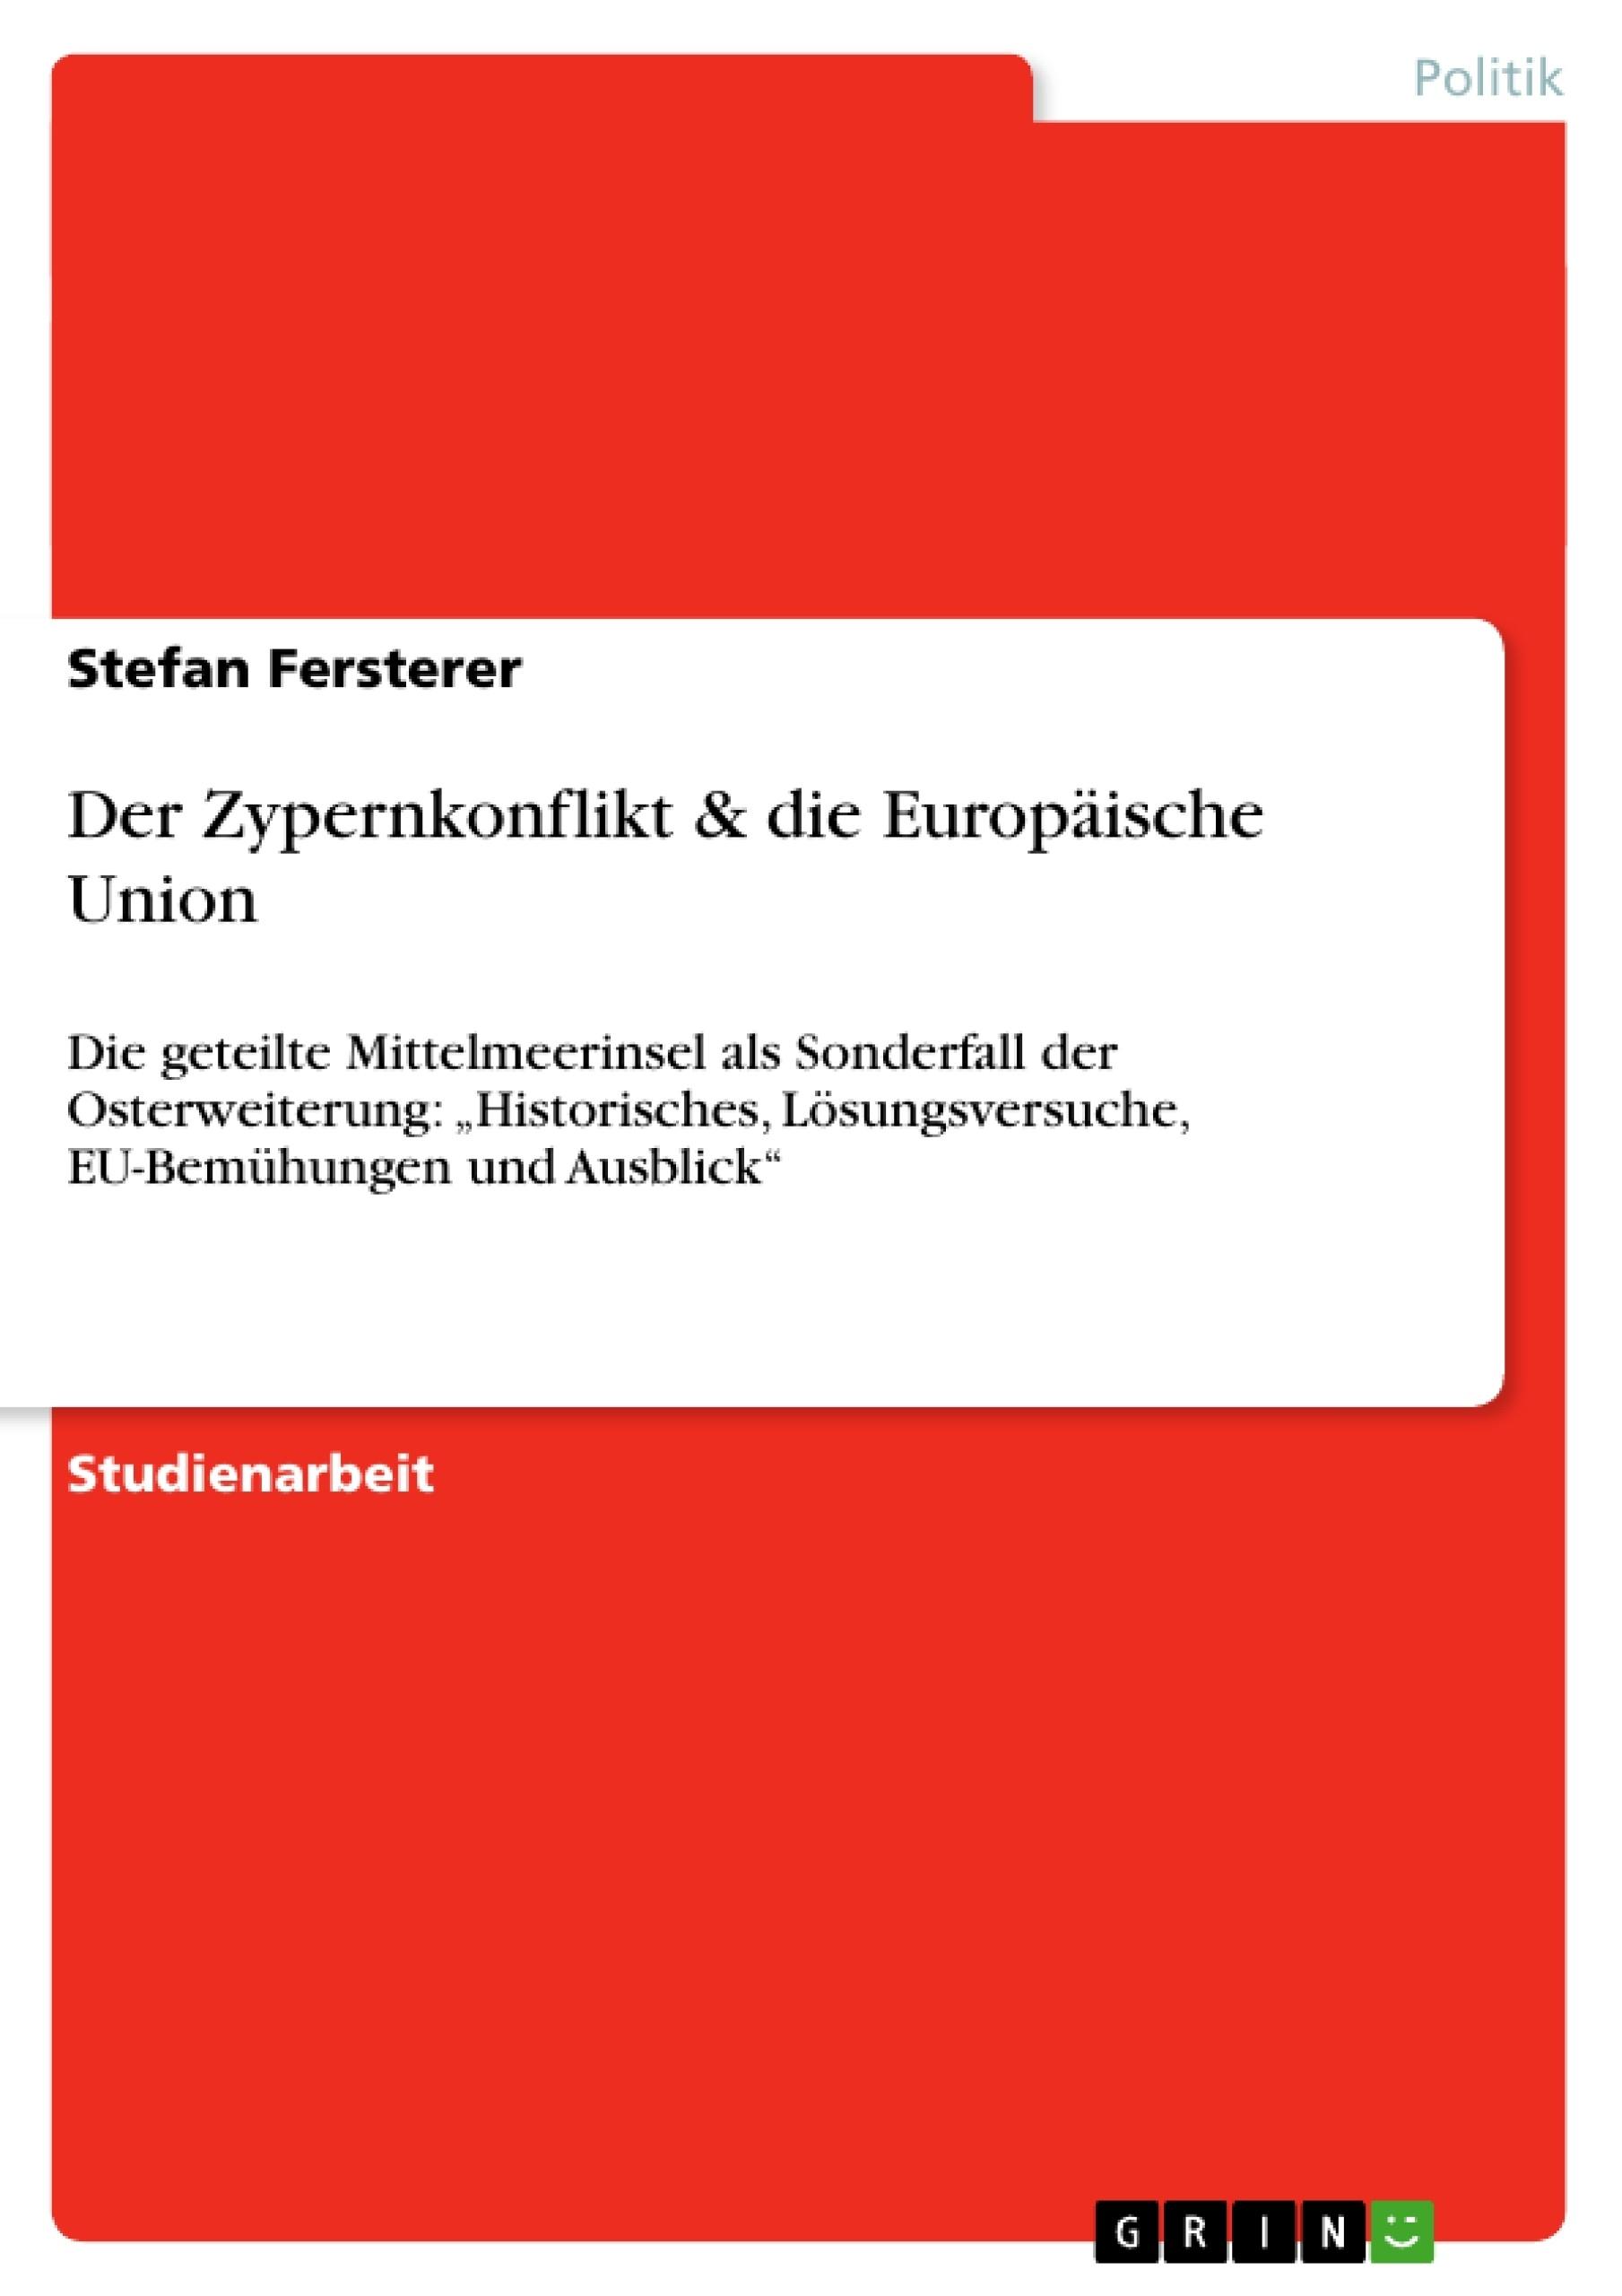 Titel: Der Zypernkonflikt & die Europäische Union